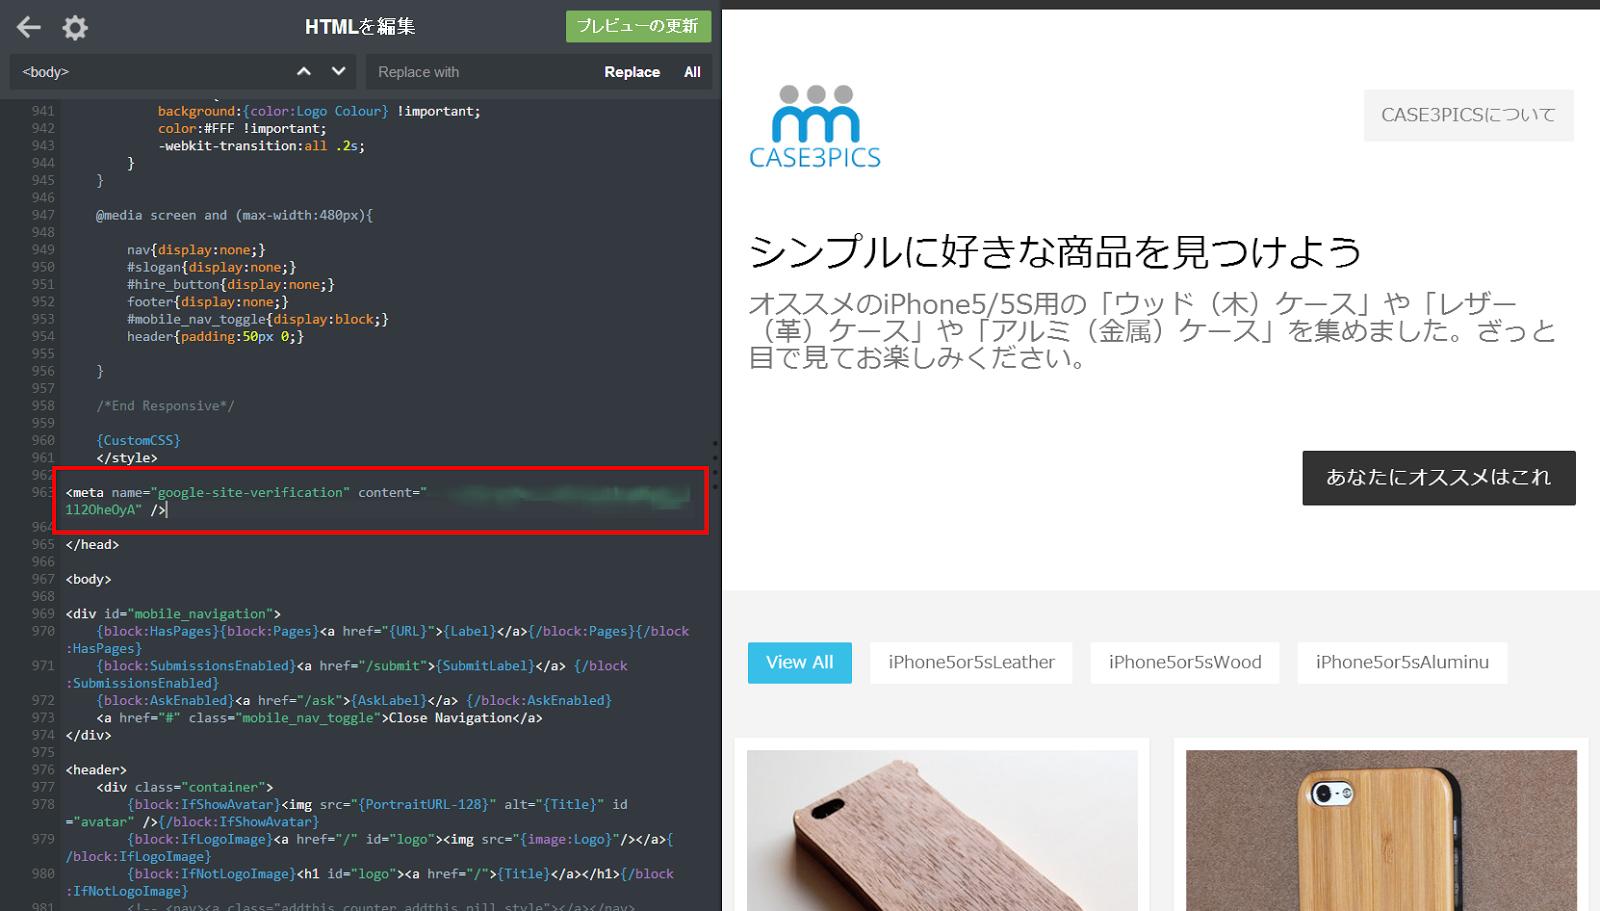 サイトを作ったらまずgoogle analyticsとウェブマスターツールの設定して